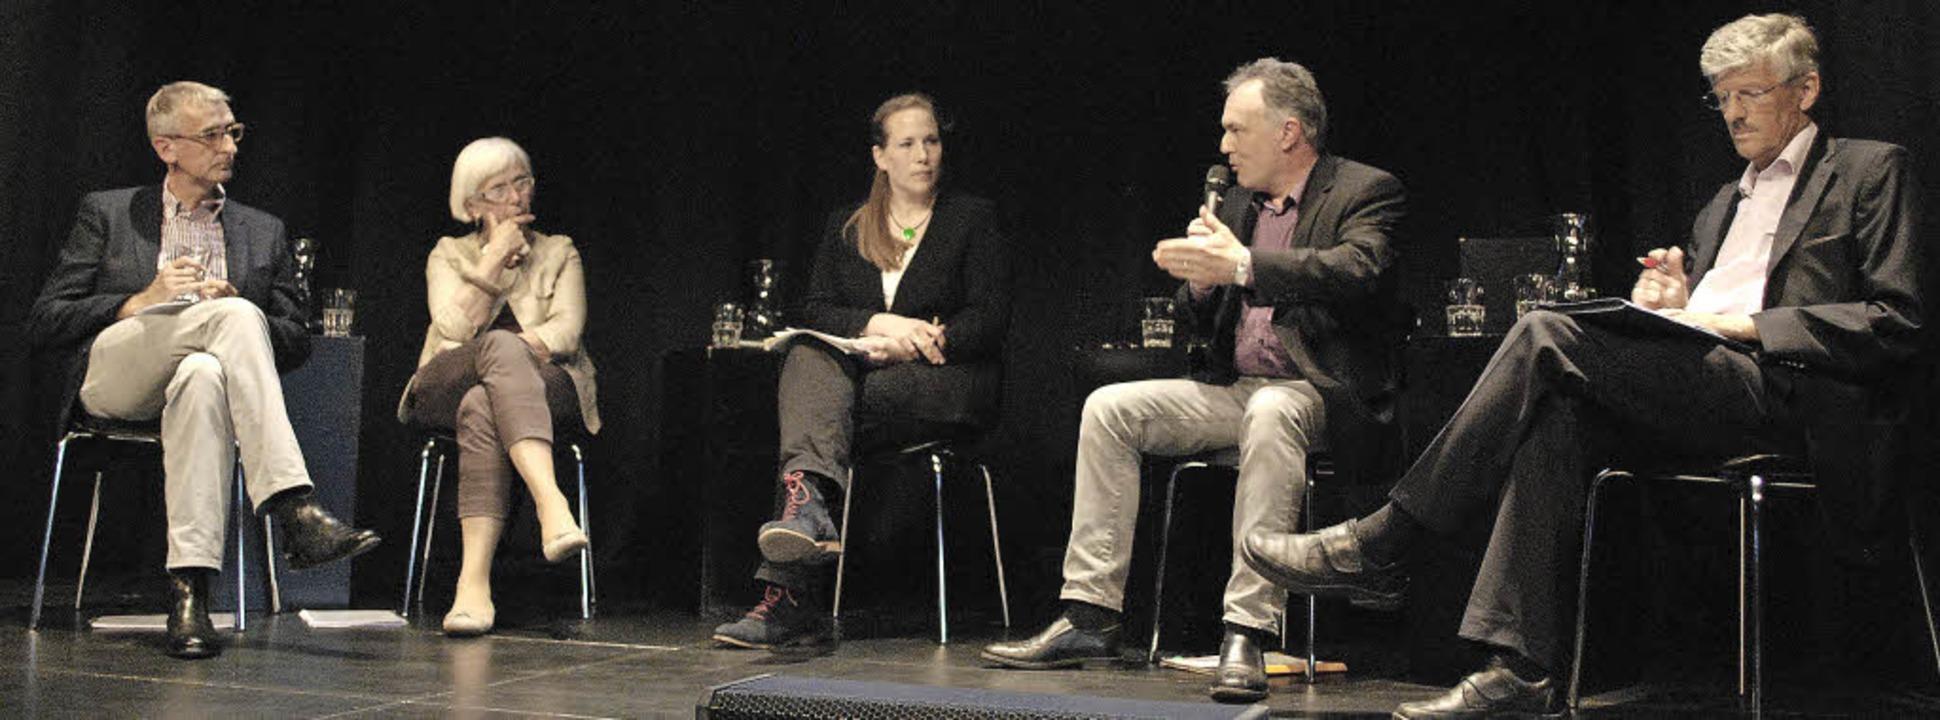 Auf dem Podium: Armin Schuster, Gudrun...atlantische Freihandelsabkommen TTIP.   | Foto: Thomas Loisl Mink